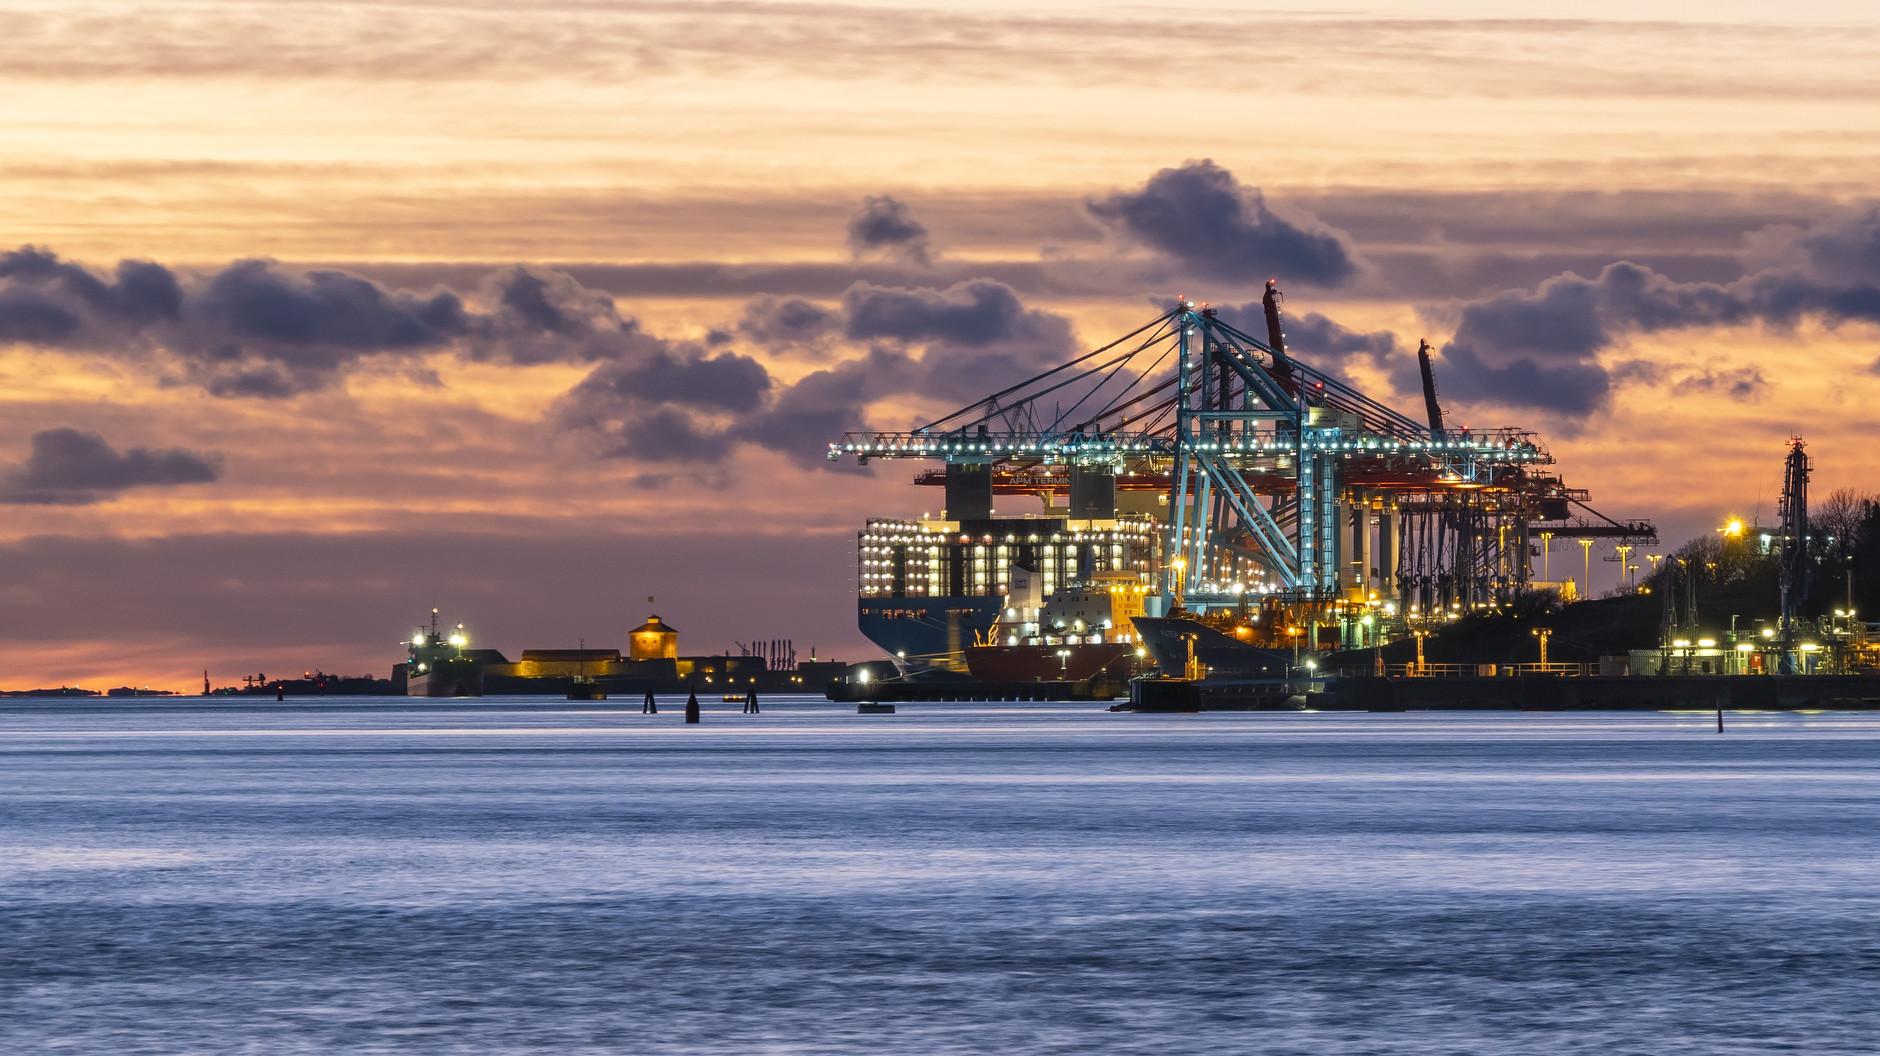 Containerfartyg och hamnkranar i kvällsljus med Nya Älvsborgs fästning i bakgrunden